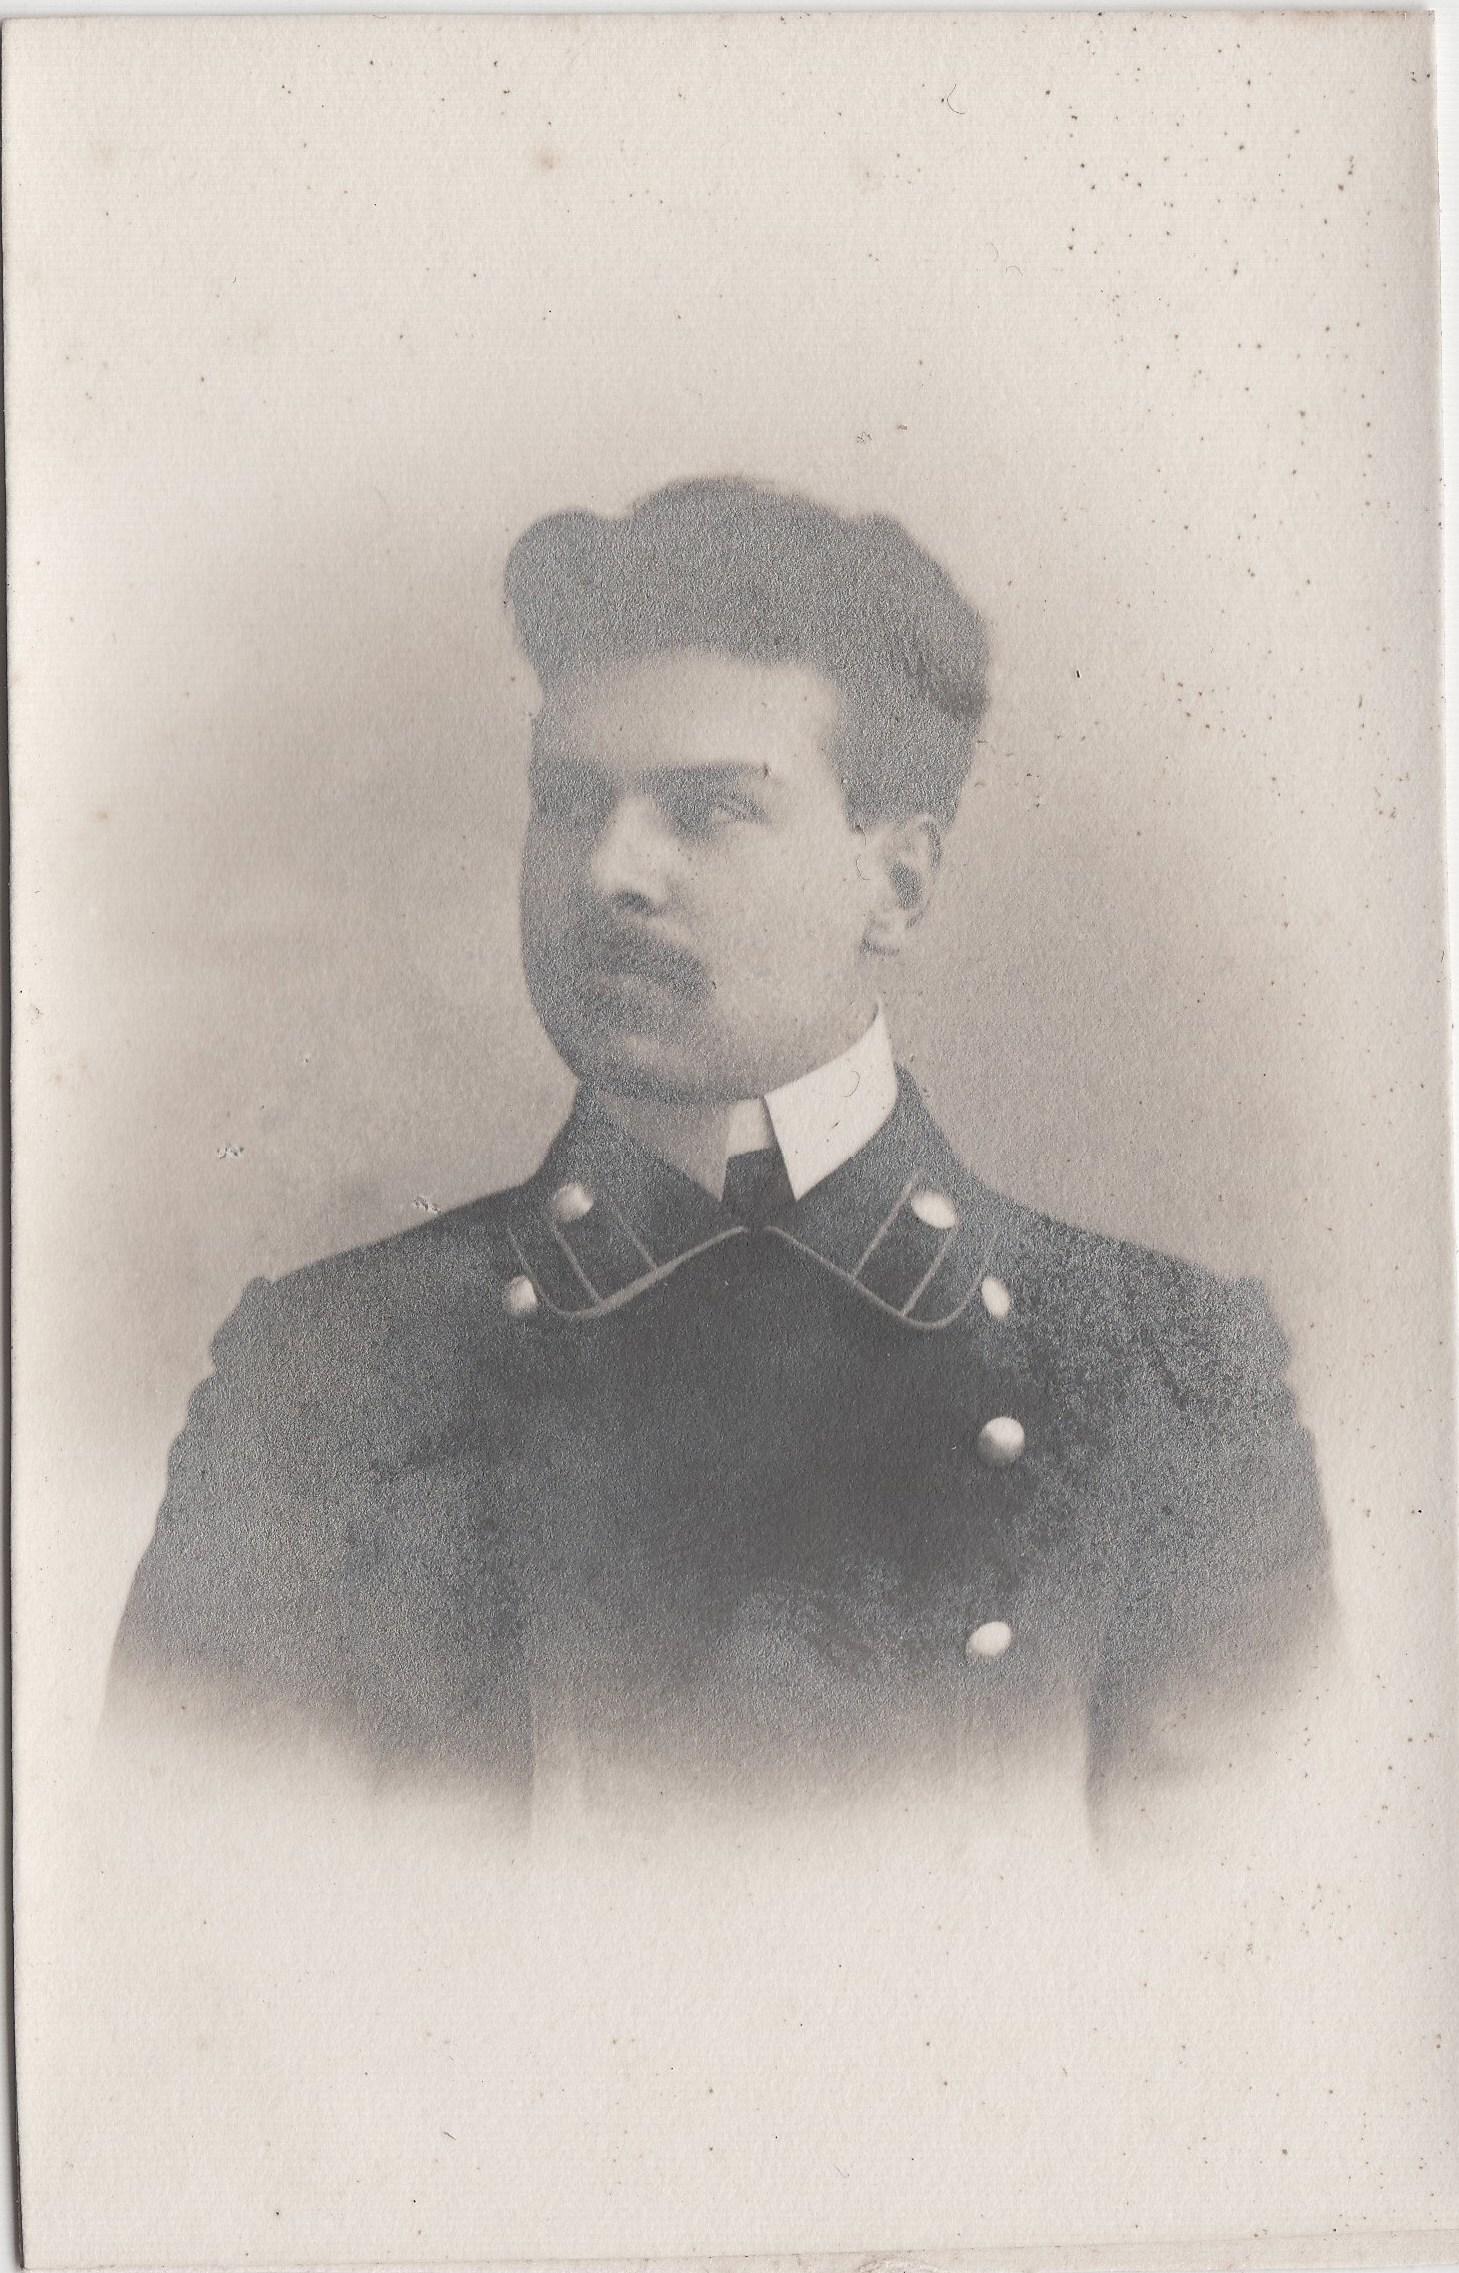 Студент Попов Аркадий. II отделение 1 разряд.